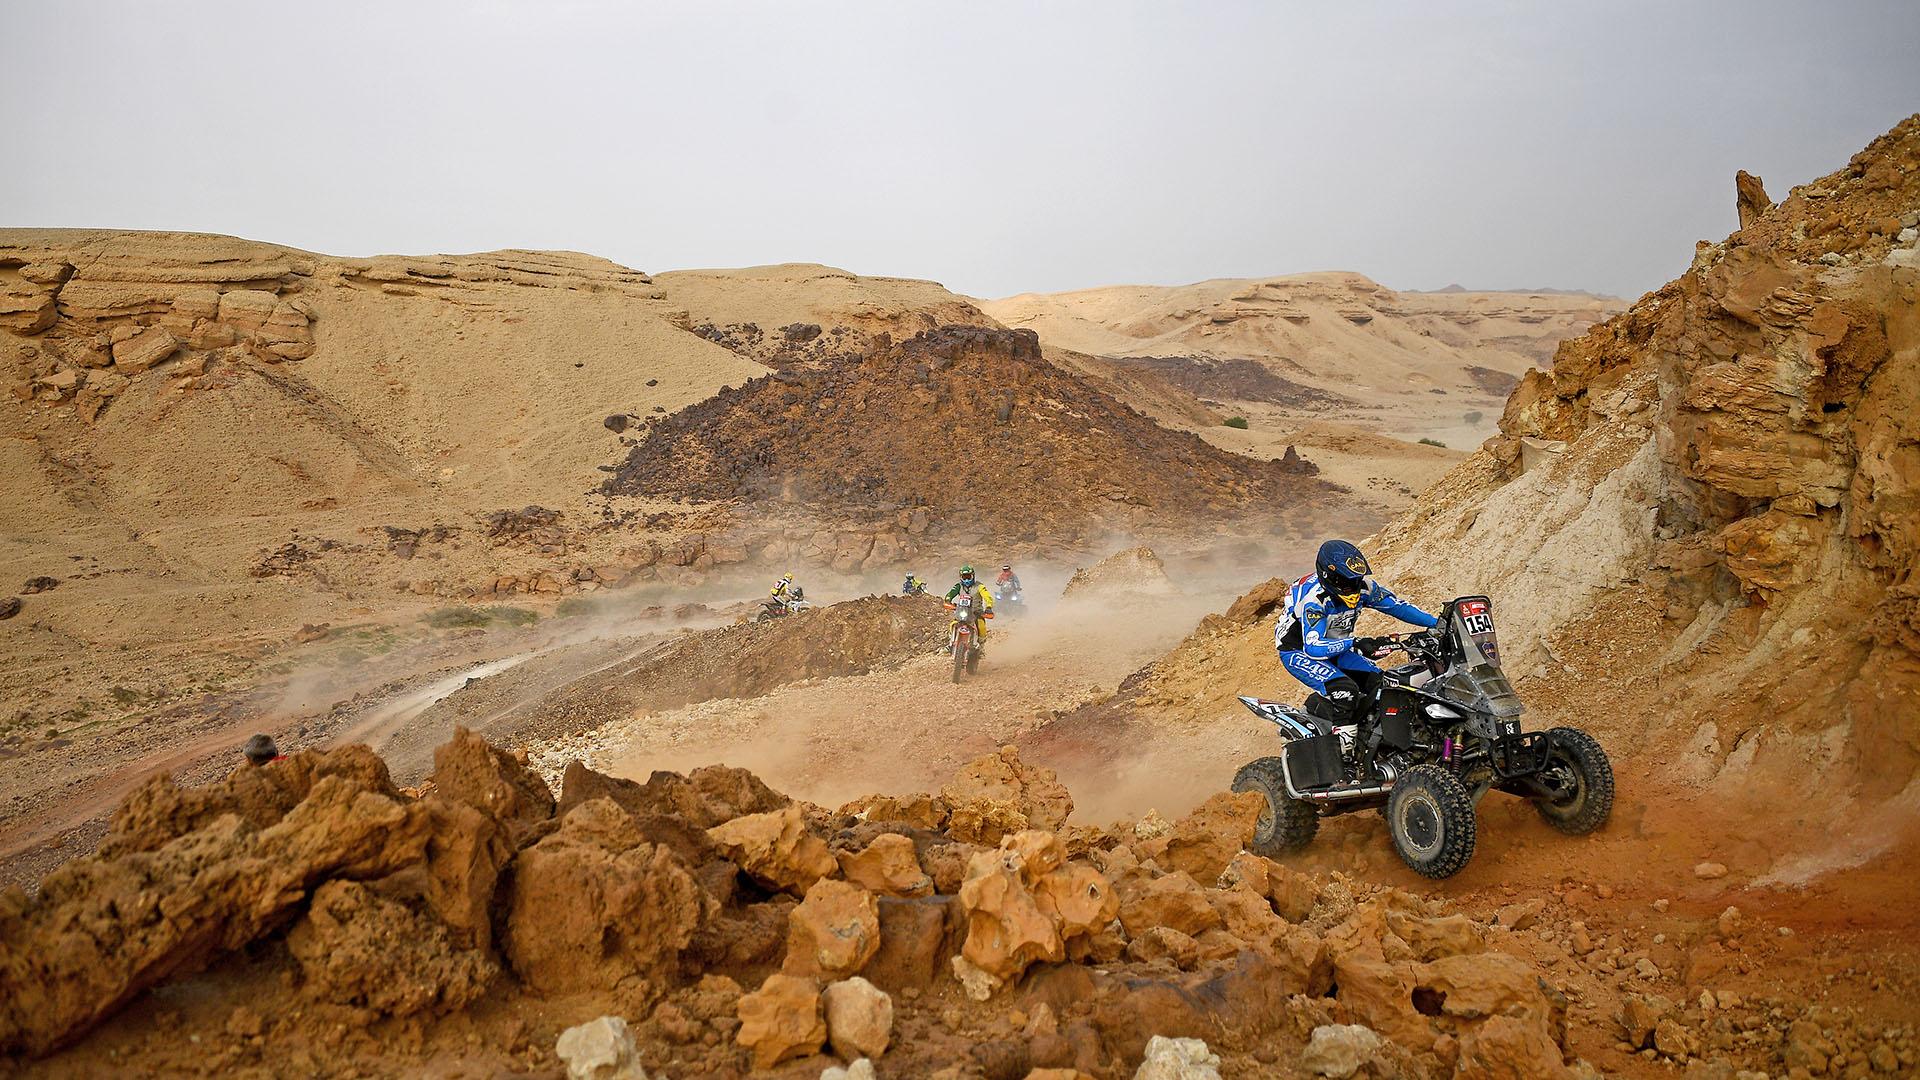 En su cuarta participación, Manuel Andújar fue campeón del Dakar (Photo by FRANCK FIFE / AFP)